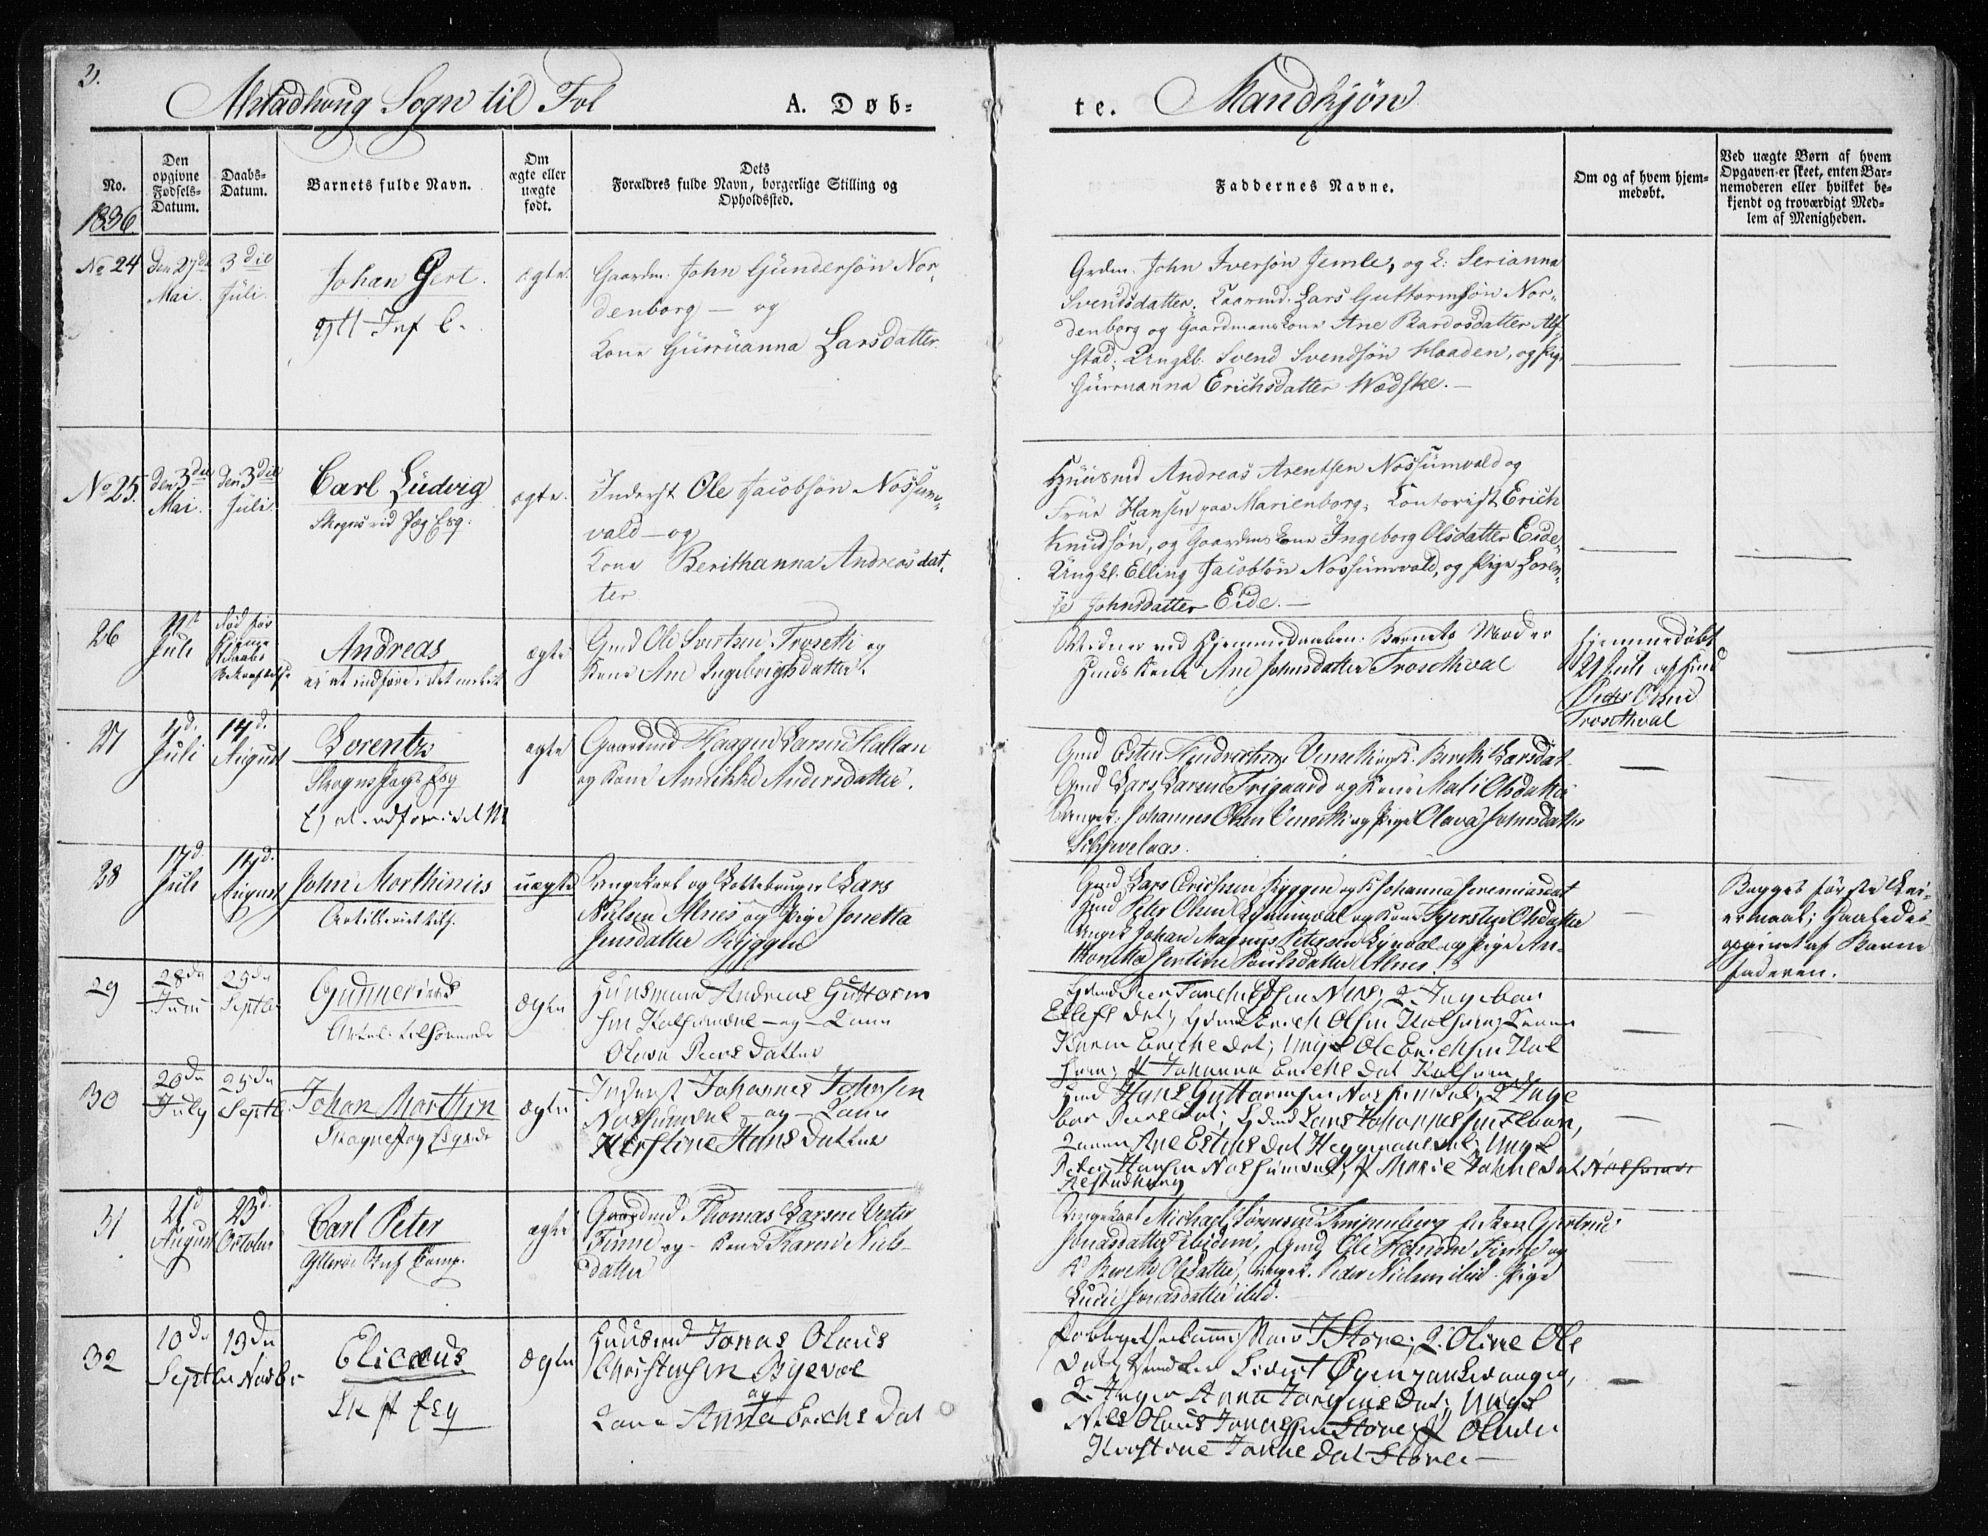 SAT, Ministerialprotokoller, klokkerbøker og fødselsregistre - Nord-Trøndelag, 717/L0154: Ministerialbok nr. 717A06 /1, 1836-1849, s. 3